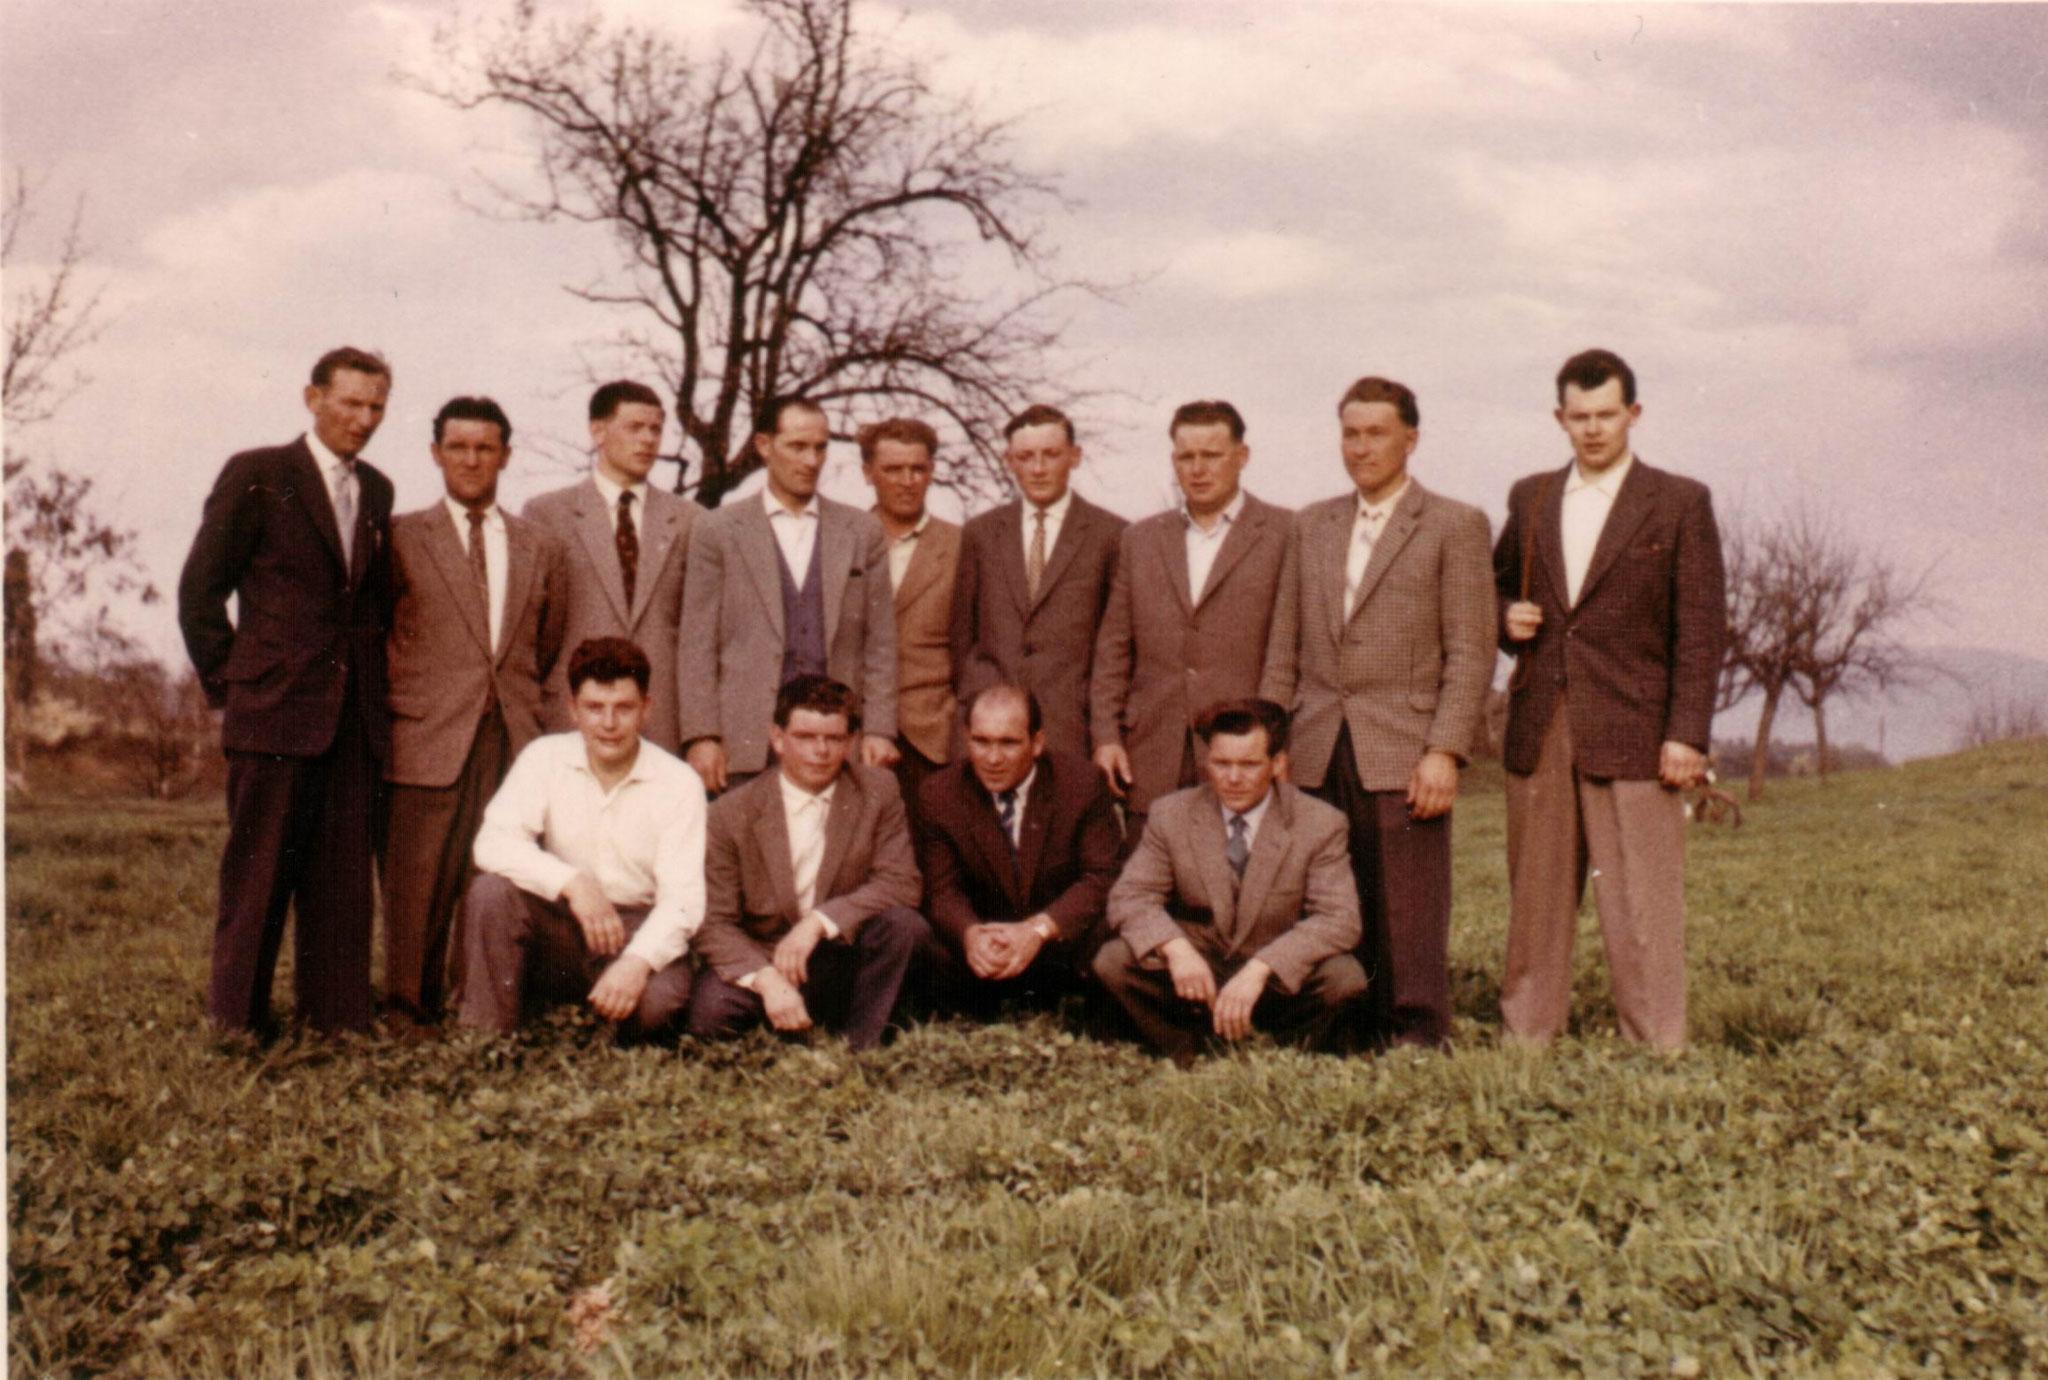 Mannschaftsausflug 1957, man beachte den Dresscode